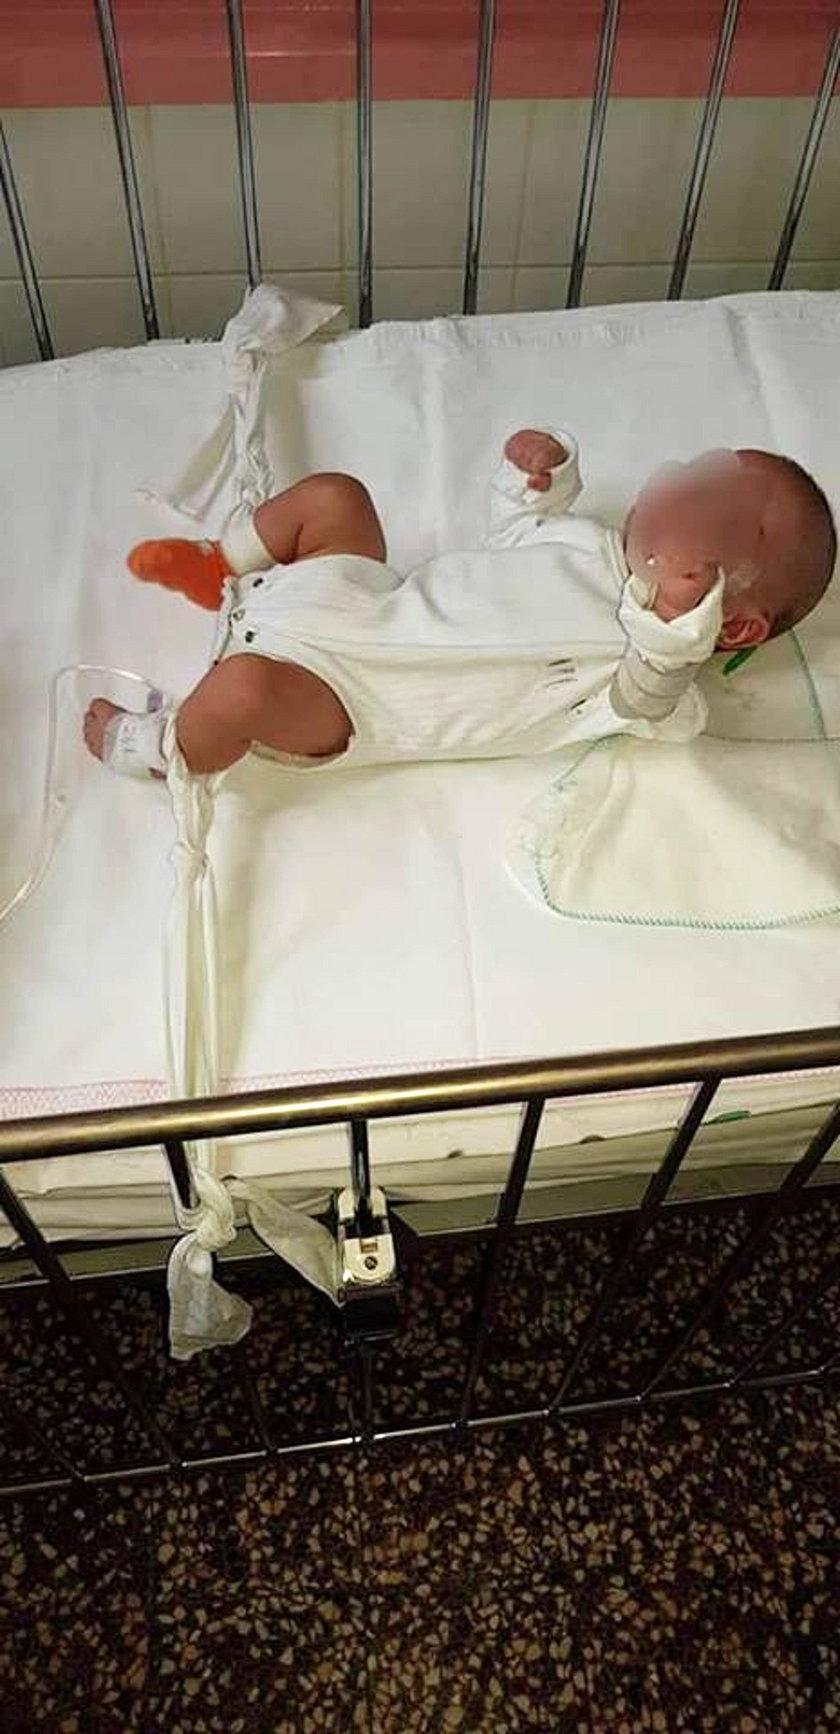 Chorwacja: Pielęgniarka przywiązała niemowlę do łóżeczka i poszła na kawę